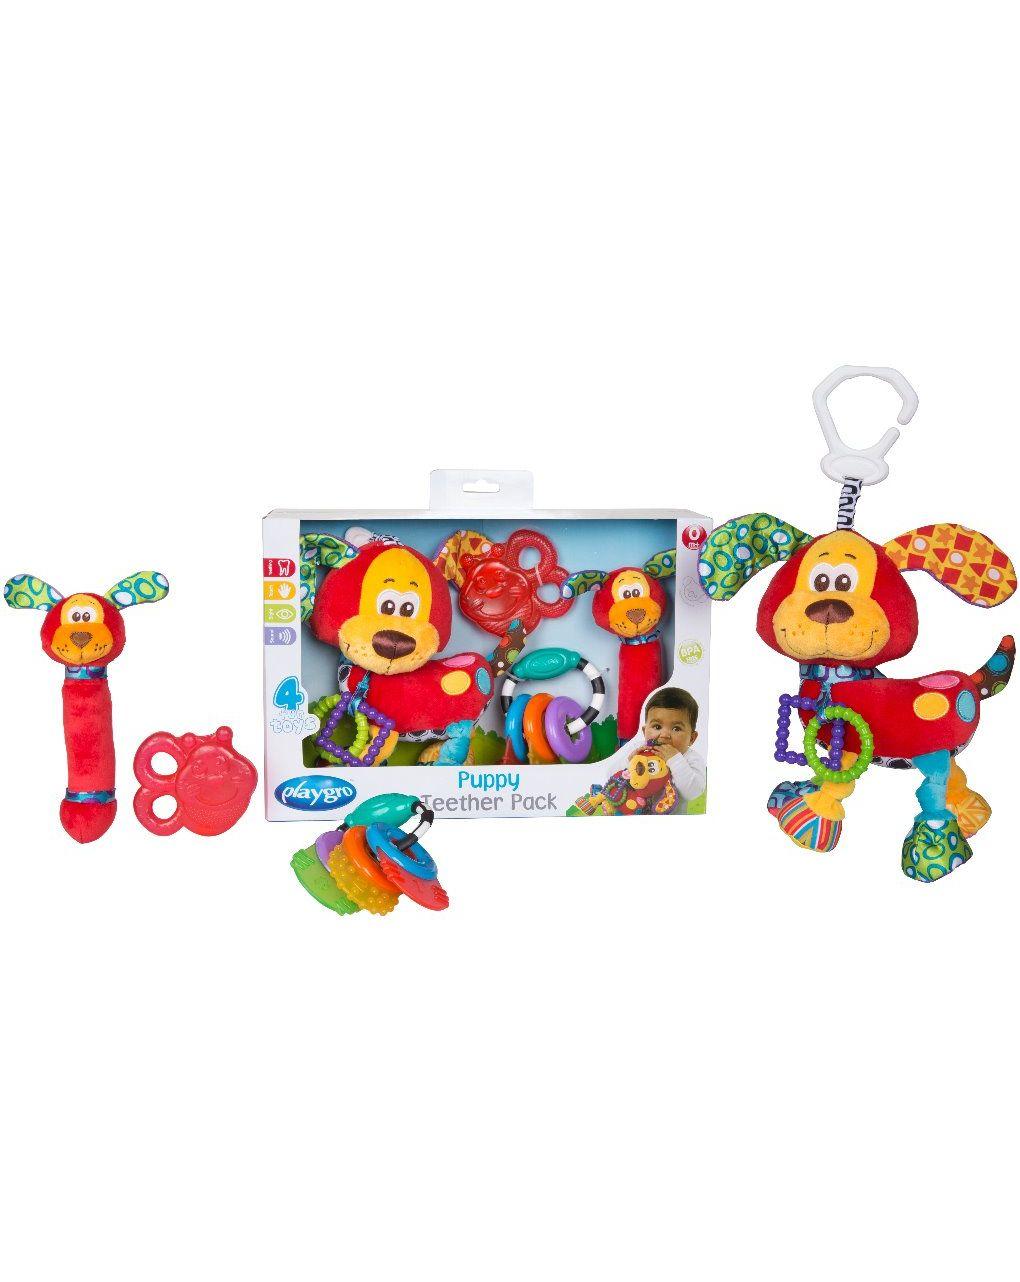 Puppy gift pack (0m+) - Playgro